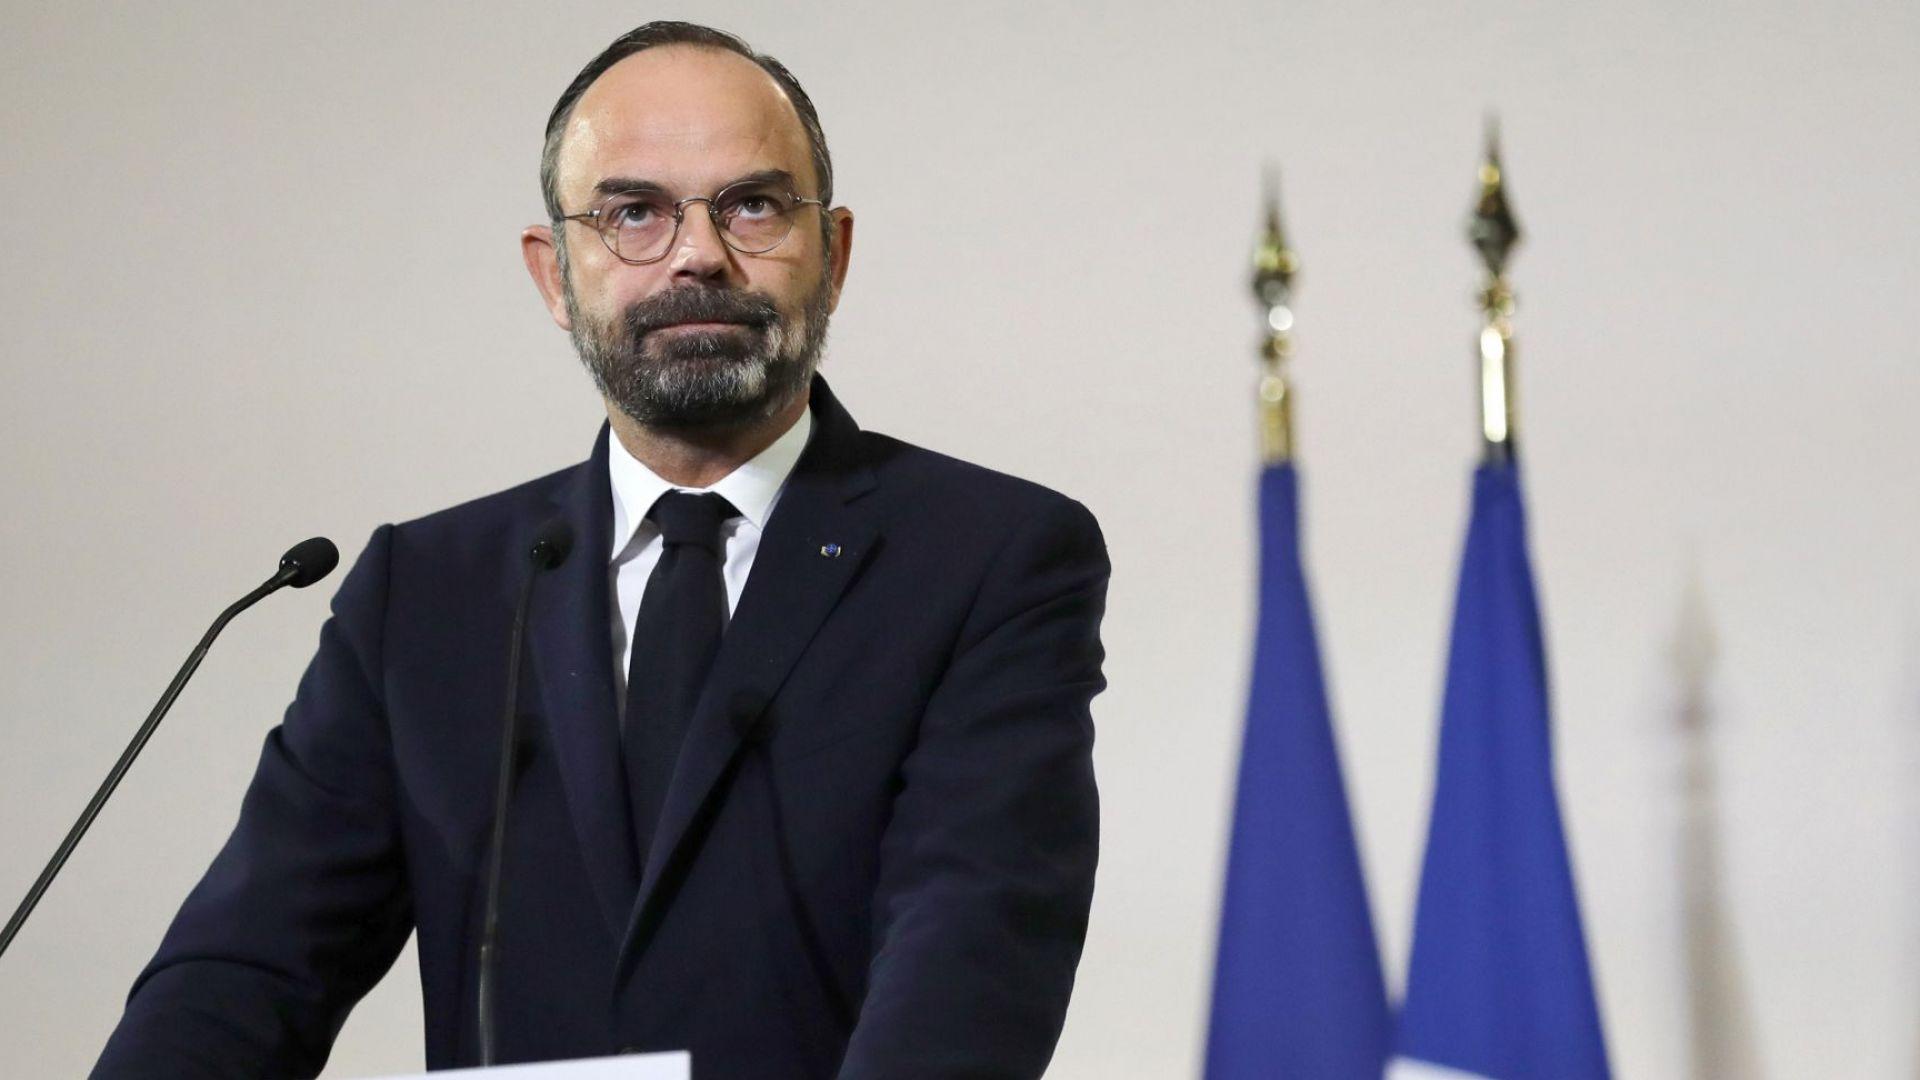 Министър-председателят на Франция Едуар Филип направи отстъпки пред синдикатите по